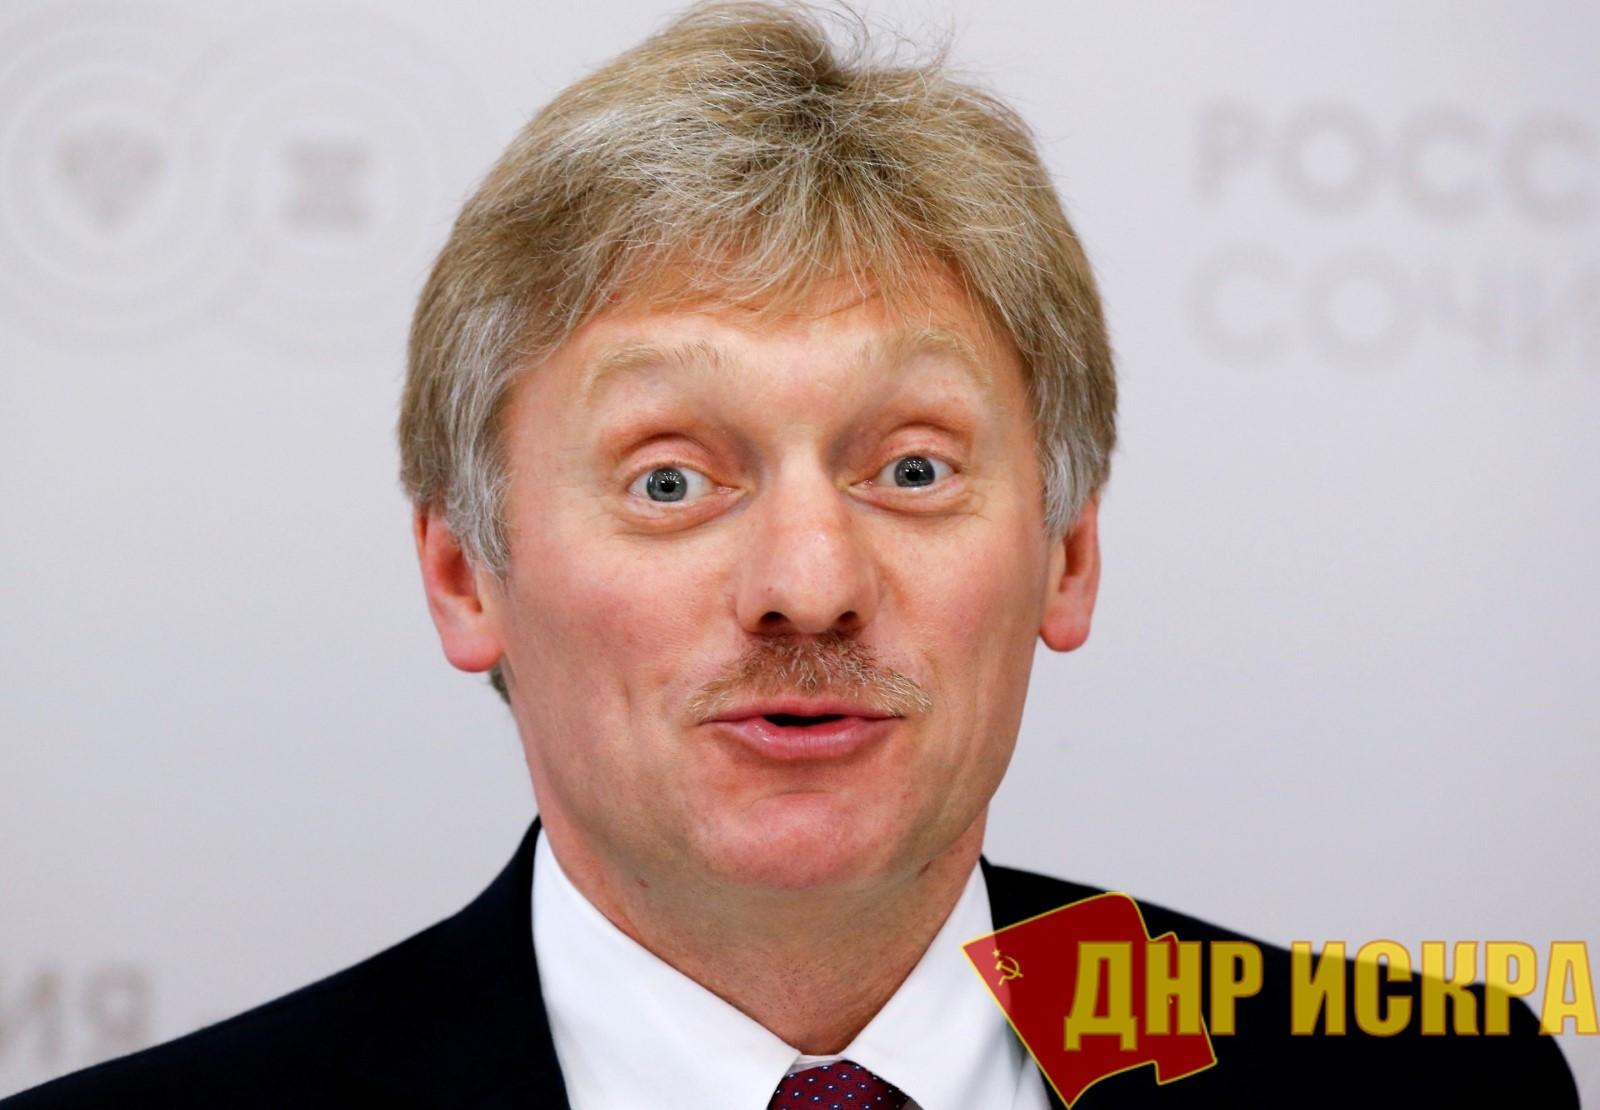 В Кремле подтвердили, что Путин может смягчить пенсионную реформу